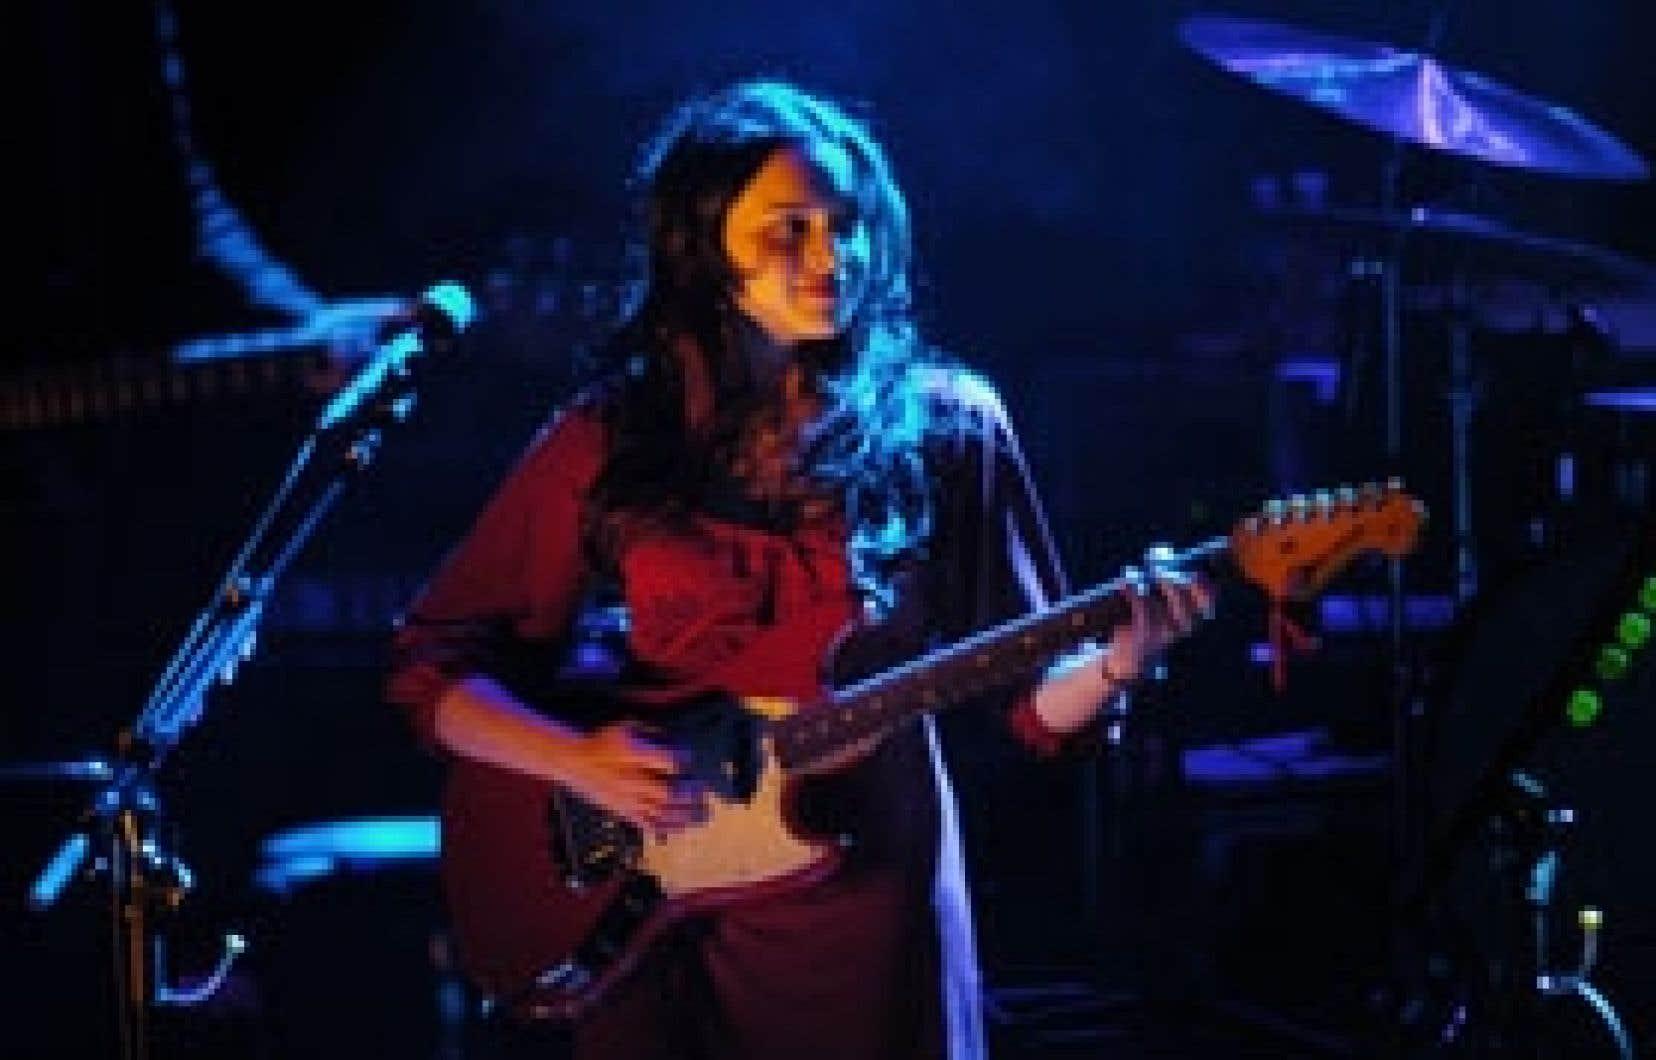 Samedi soir, Norah Jones n'a pas caressé que les touches du piano, mais elle a aussi gratouillé la guitare électrique: une Stratocaster rouge, qui lui va à ravir.